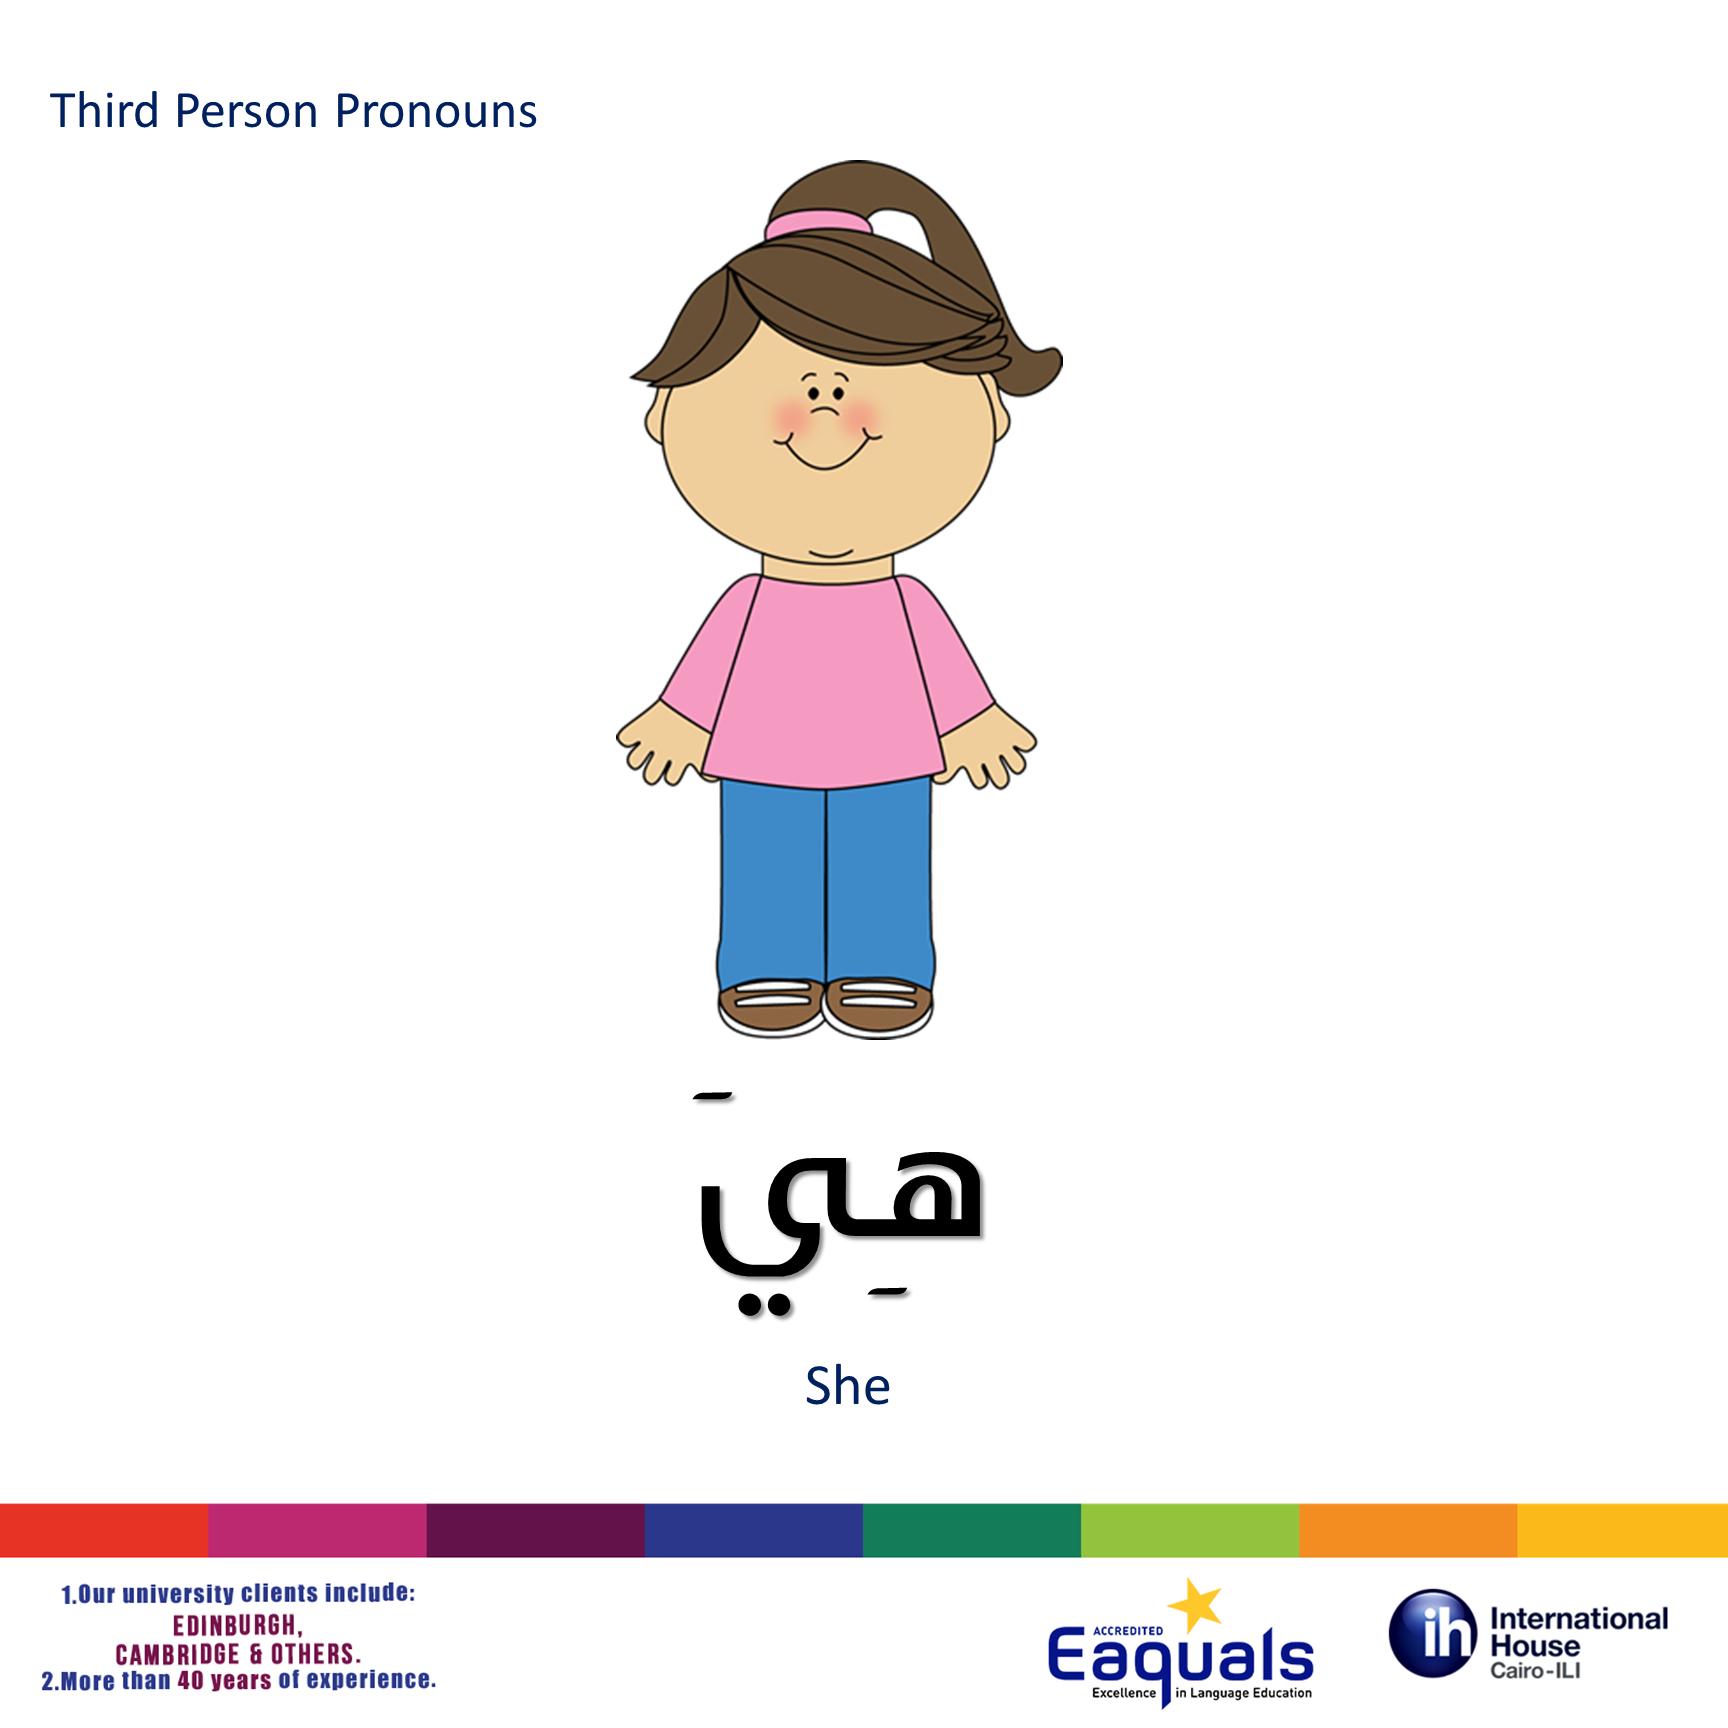 Third Person Pronouns She